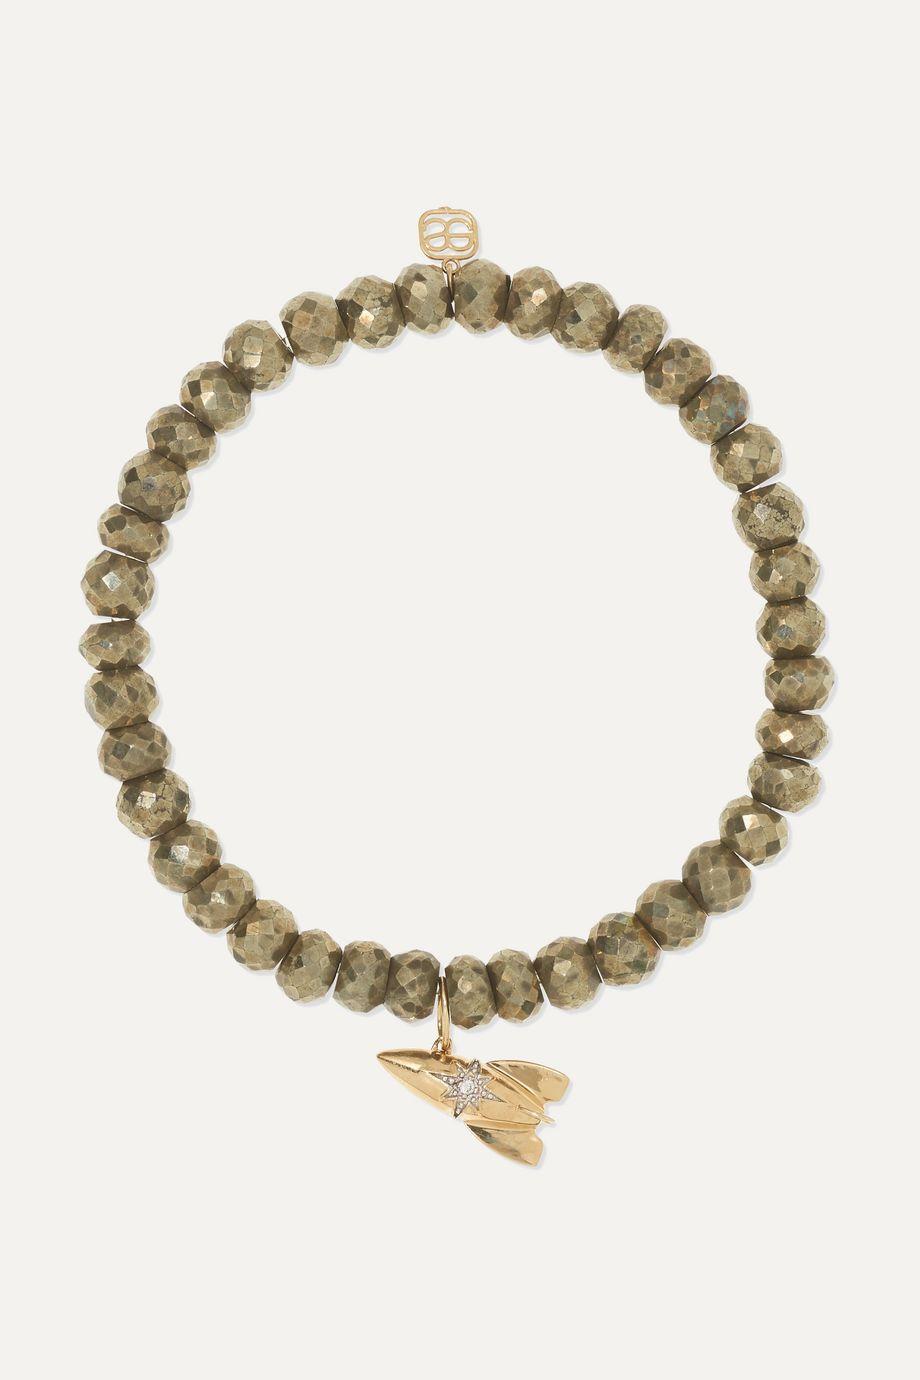 Sydney Evan Rocket 14-karat gold, pyrite and diamond bracelet